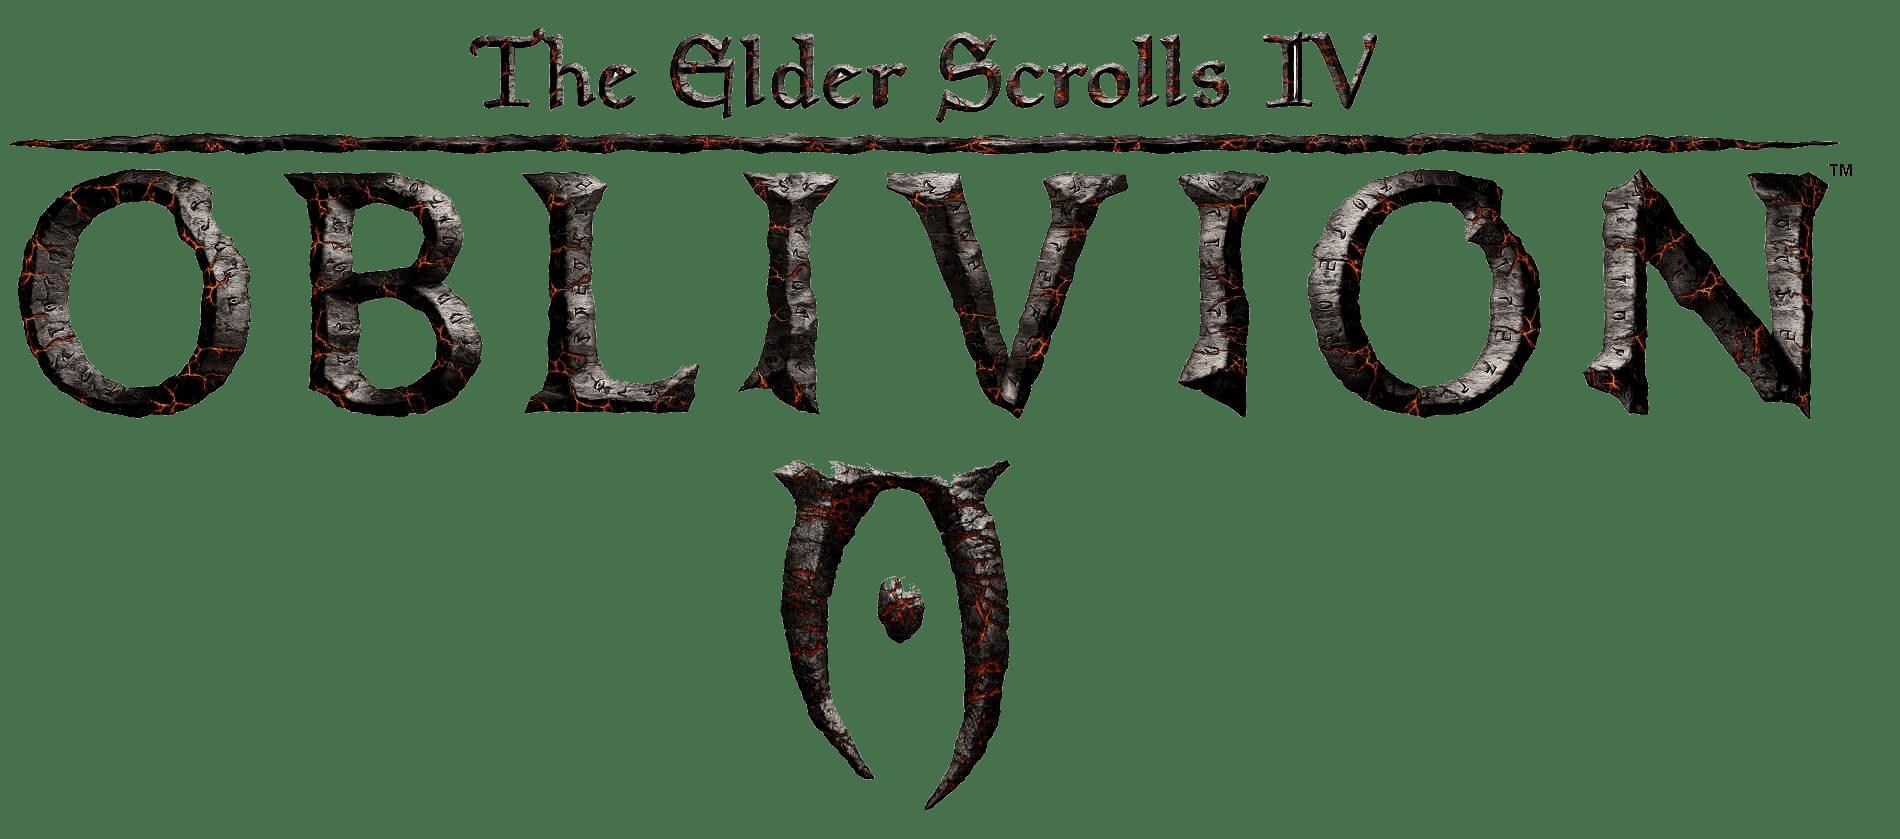 Oblivion The Elder Scrolls Iv Elder Scrolls Game Logo